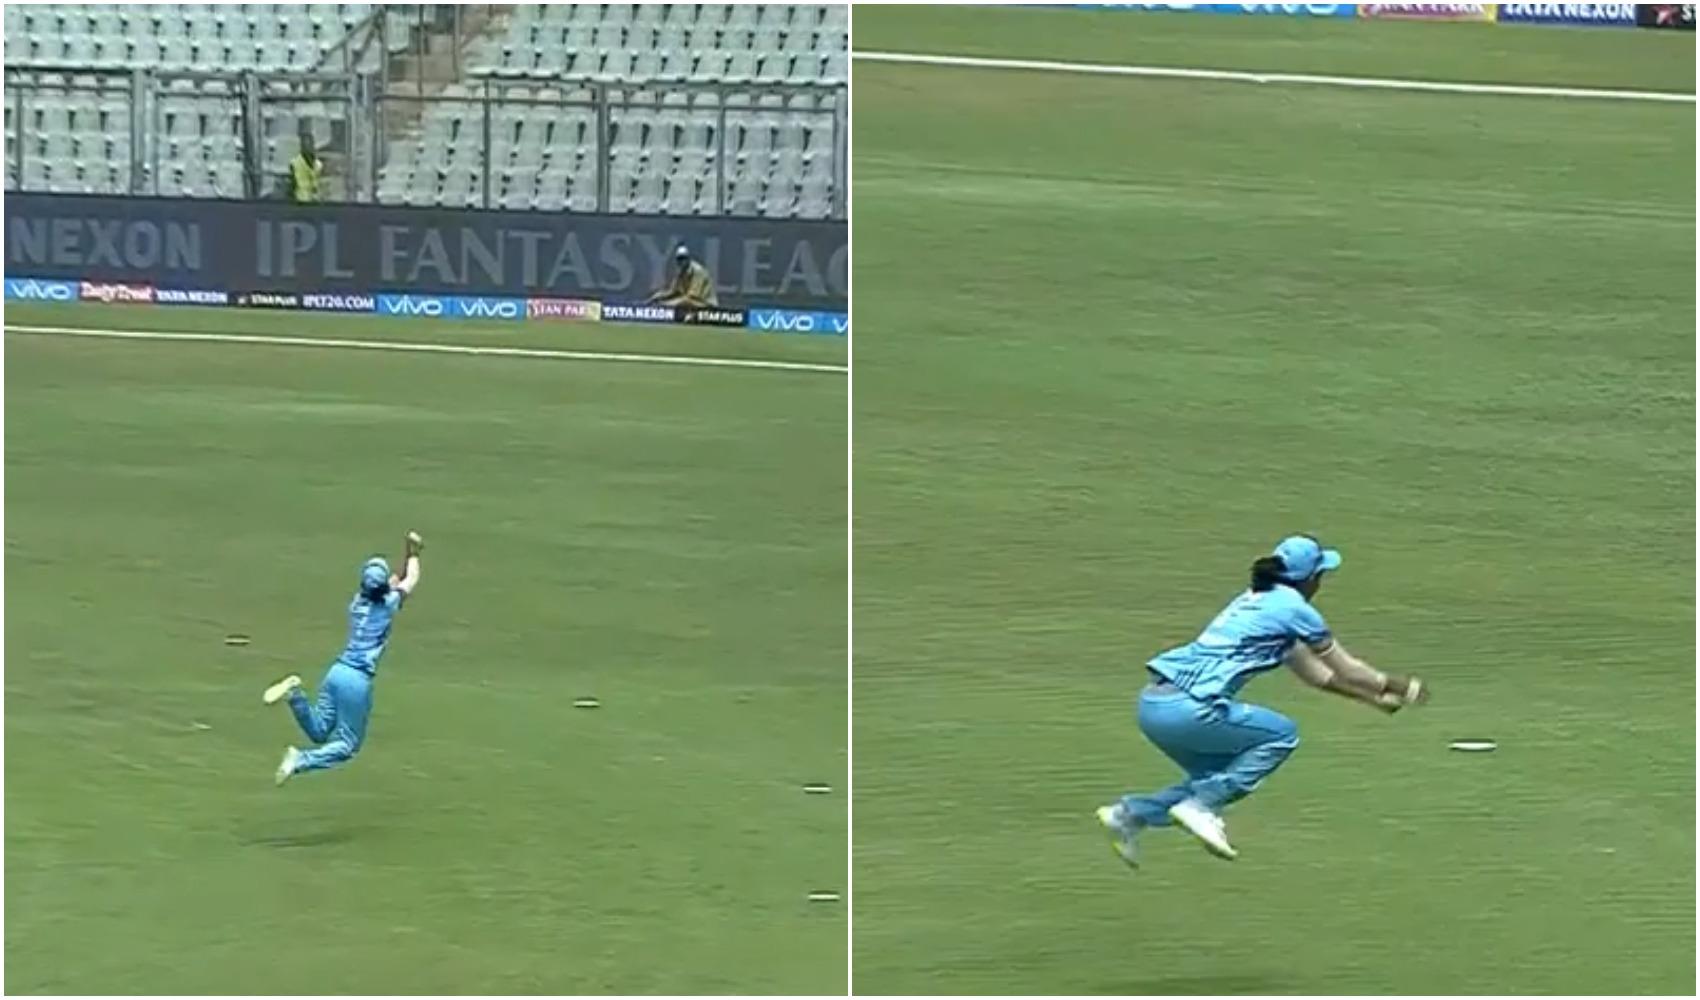 VIDEO: महिला आईपीएल में दिखा हरमनप्रीत कौर का सुपरवुमेन अवतार, पकड़ा इस सदी का सर्वश्रेष्ठ कैच 32